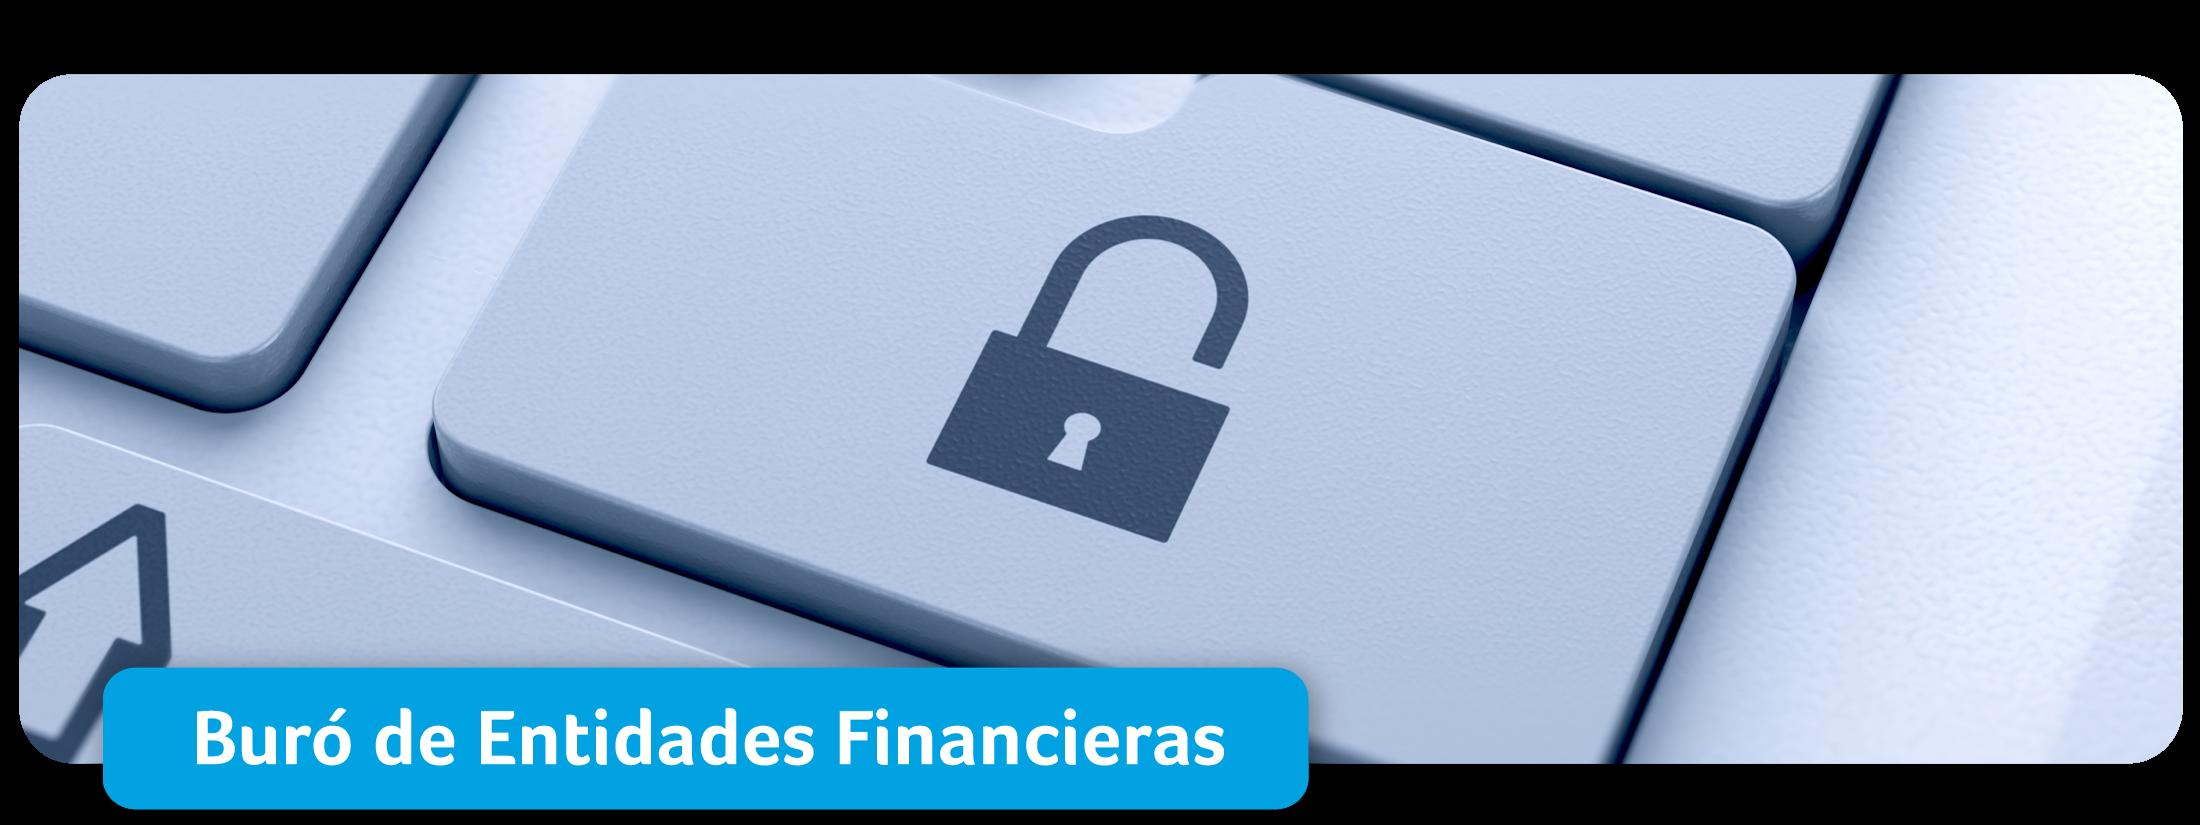 ¿Qué es el buró de entidades financieras?